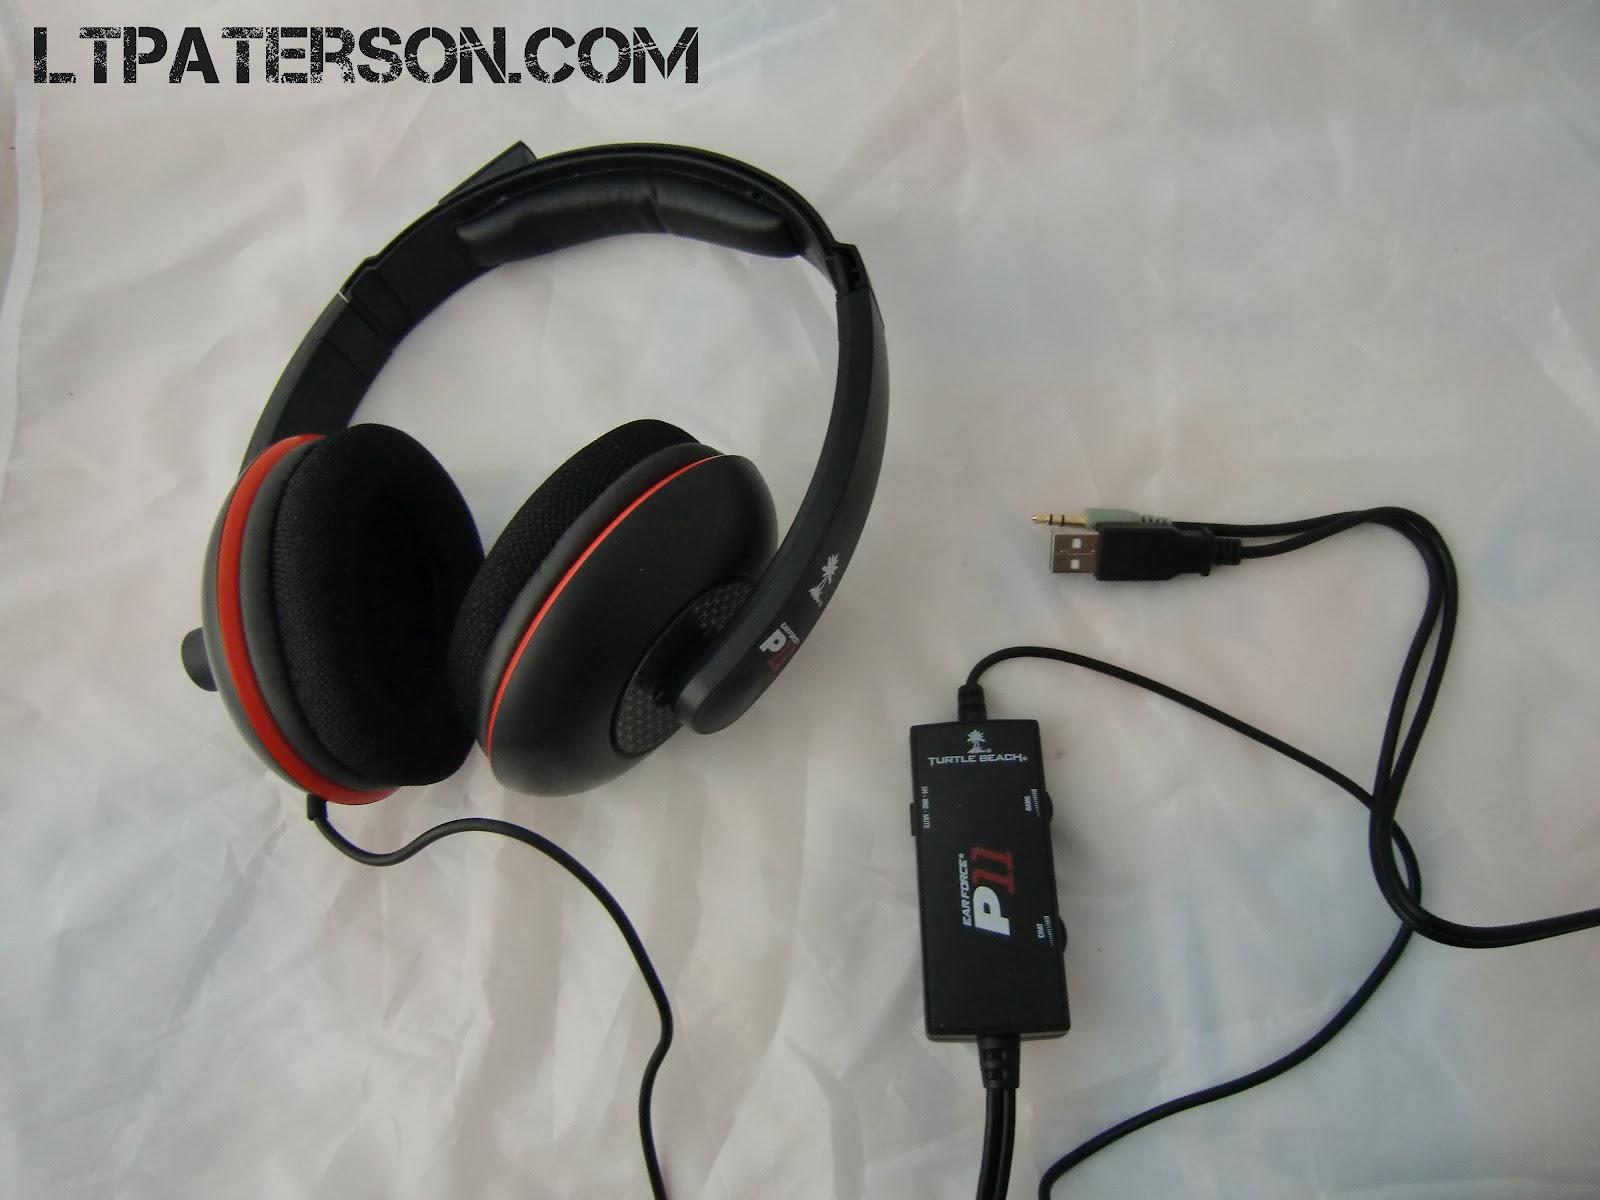 test casque ear force p11 de turtle beach pour playstation 3 blog jeux video pc. Black Bedroom Furniture Sets. Home Design Ideas